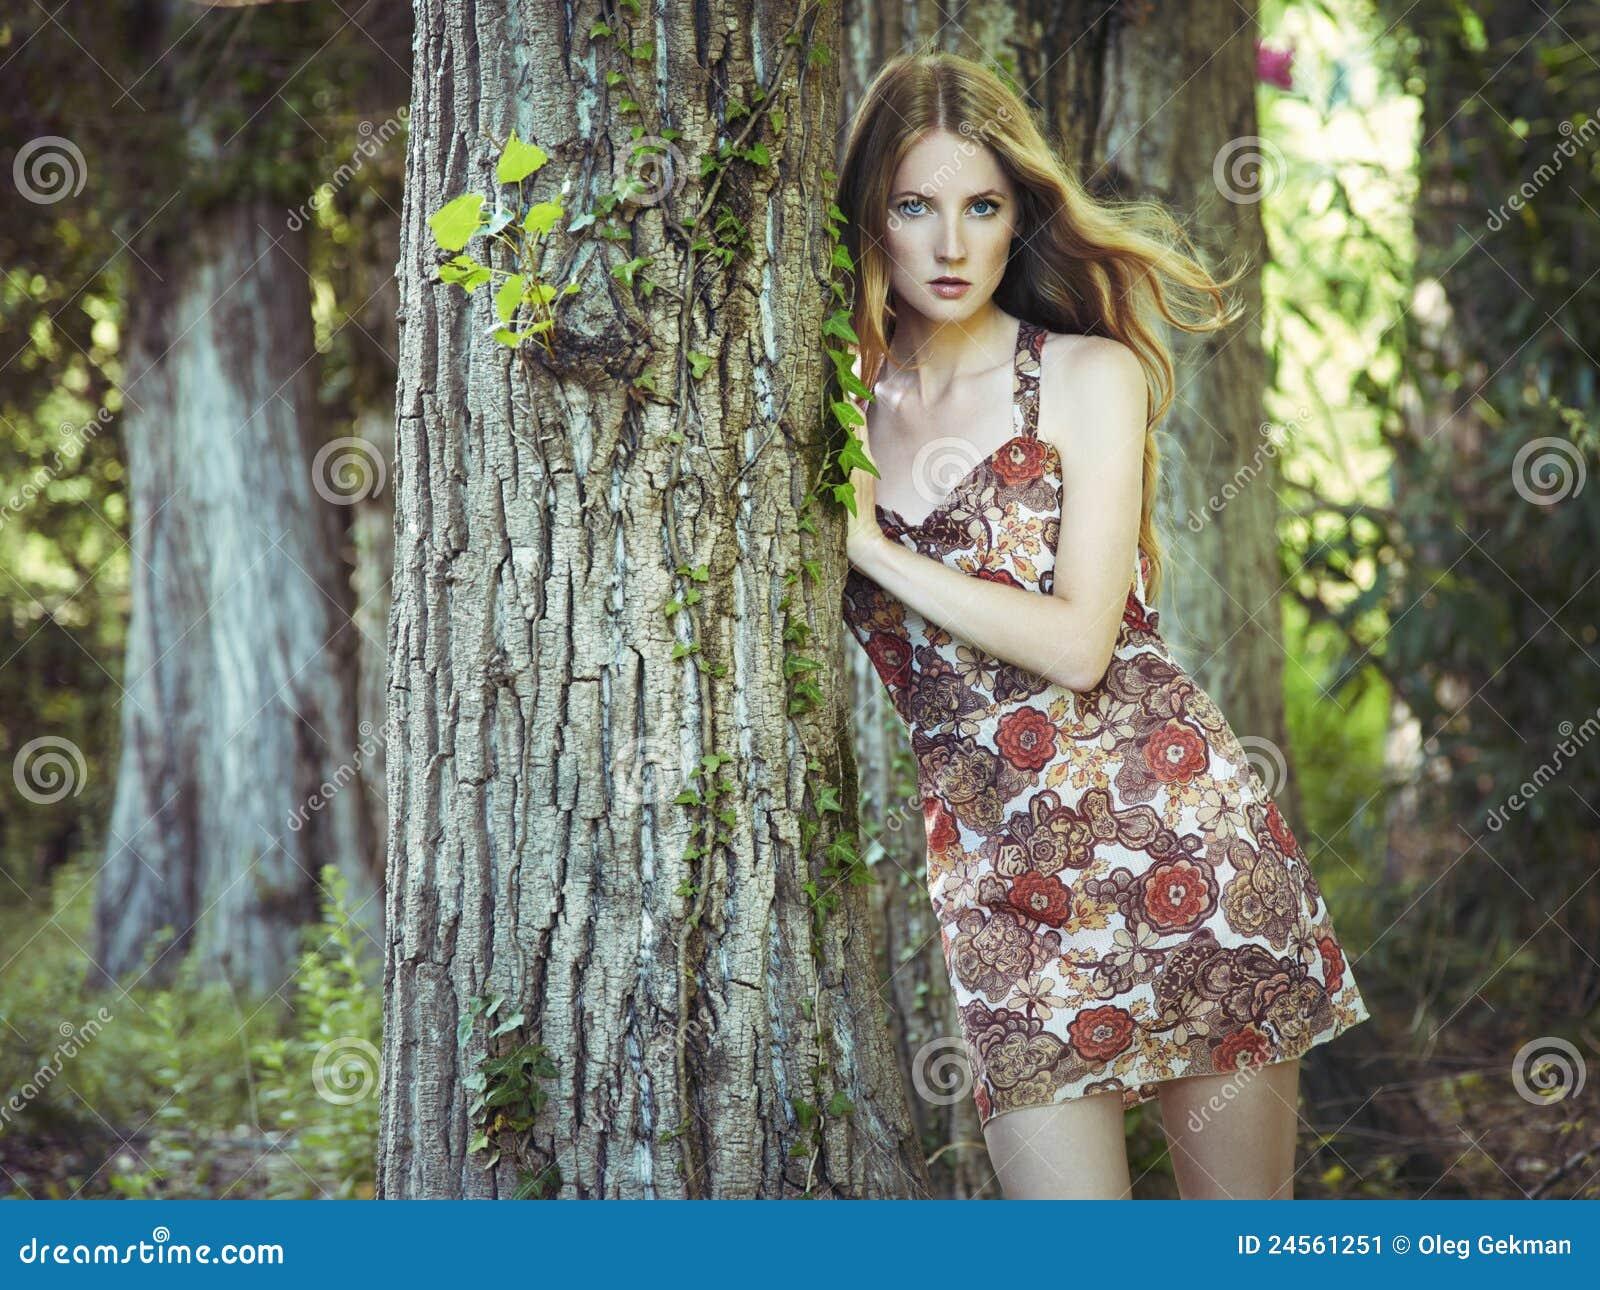 ef3793e34 Forme El Retrato De La Mujer Sensual Joven En Jardín Imagen de ...